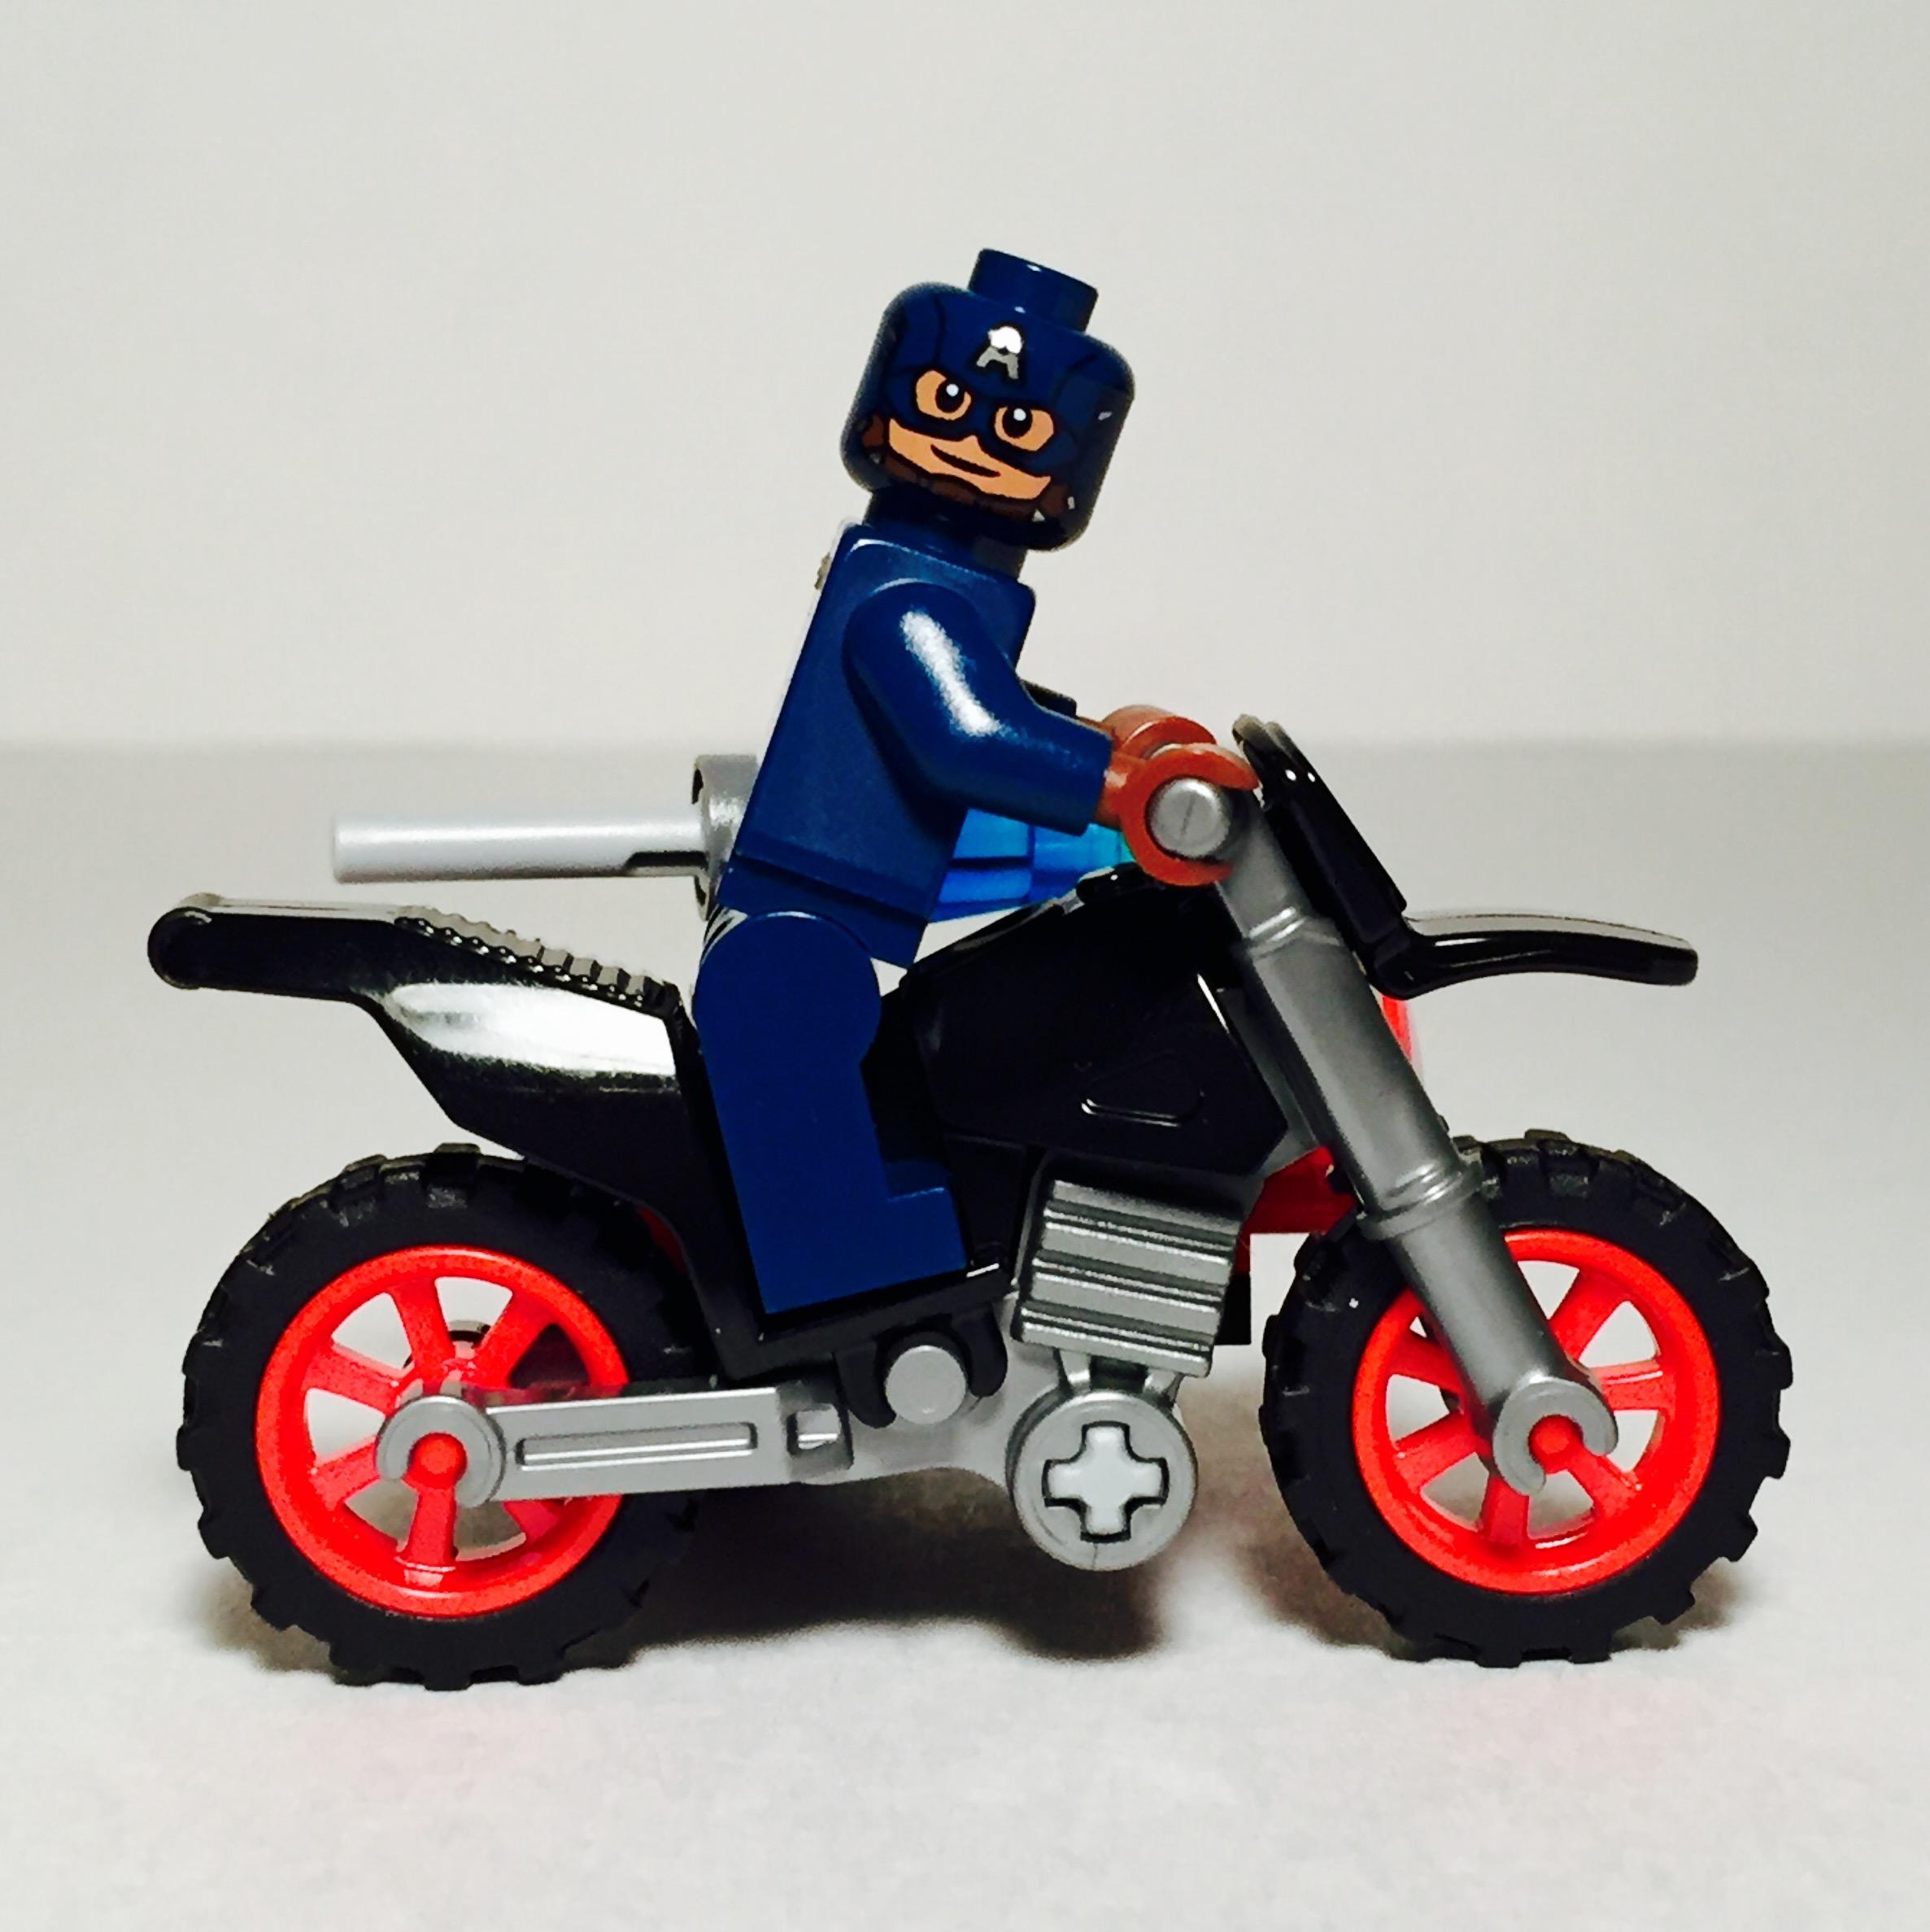 Captain America's Motorcycle 3.jpg